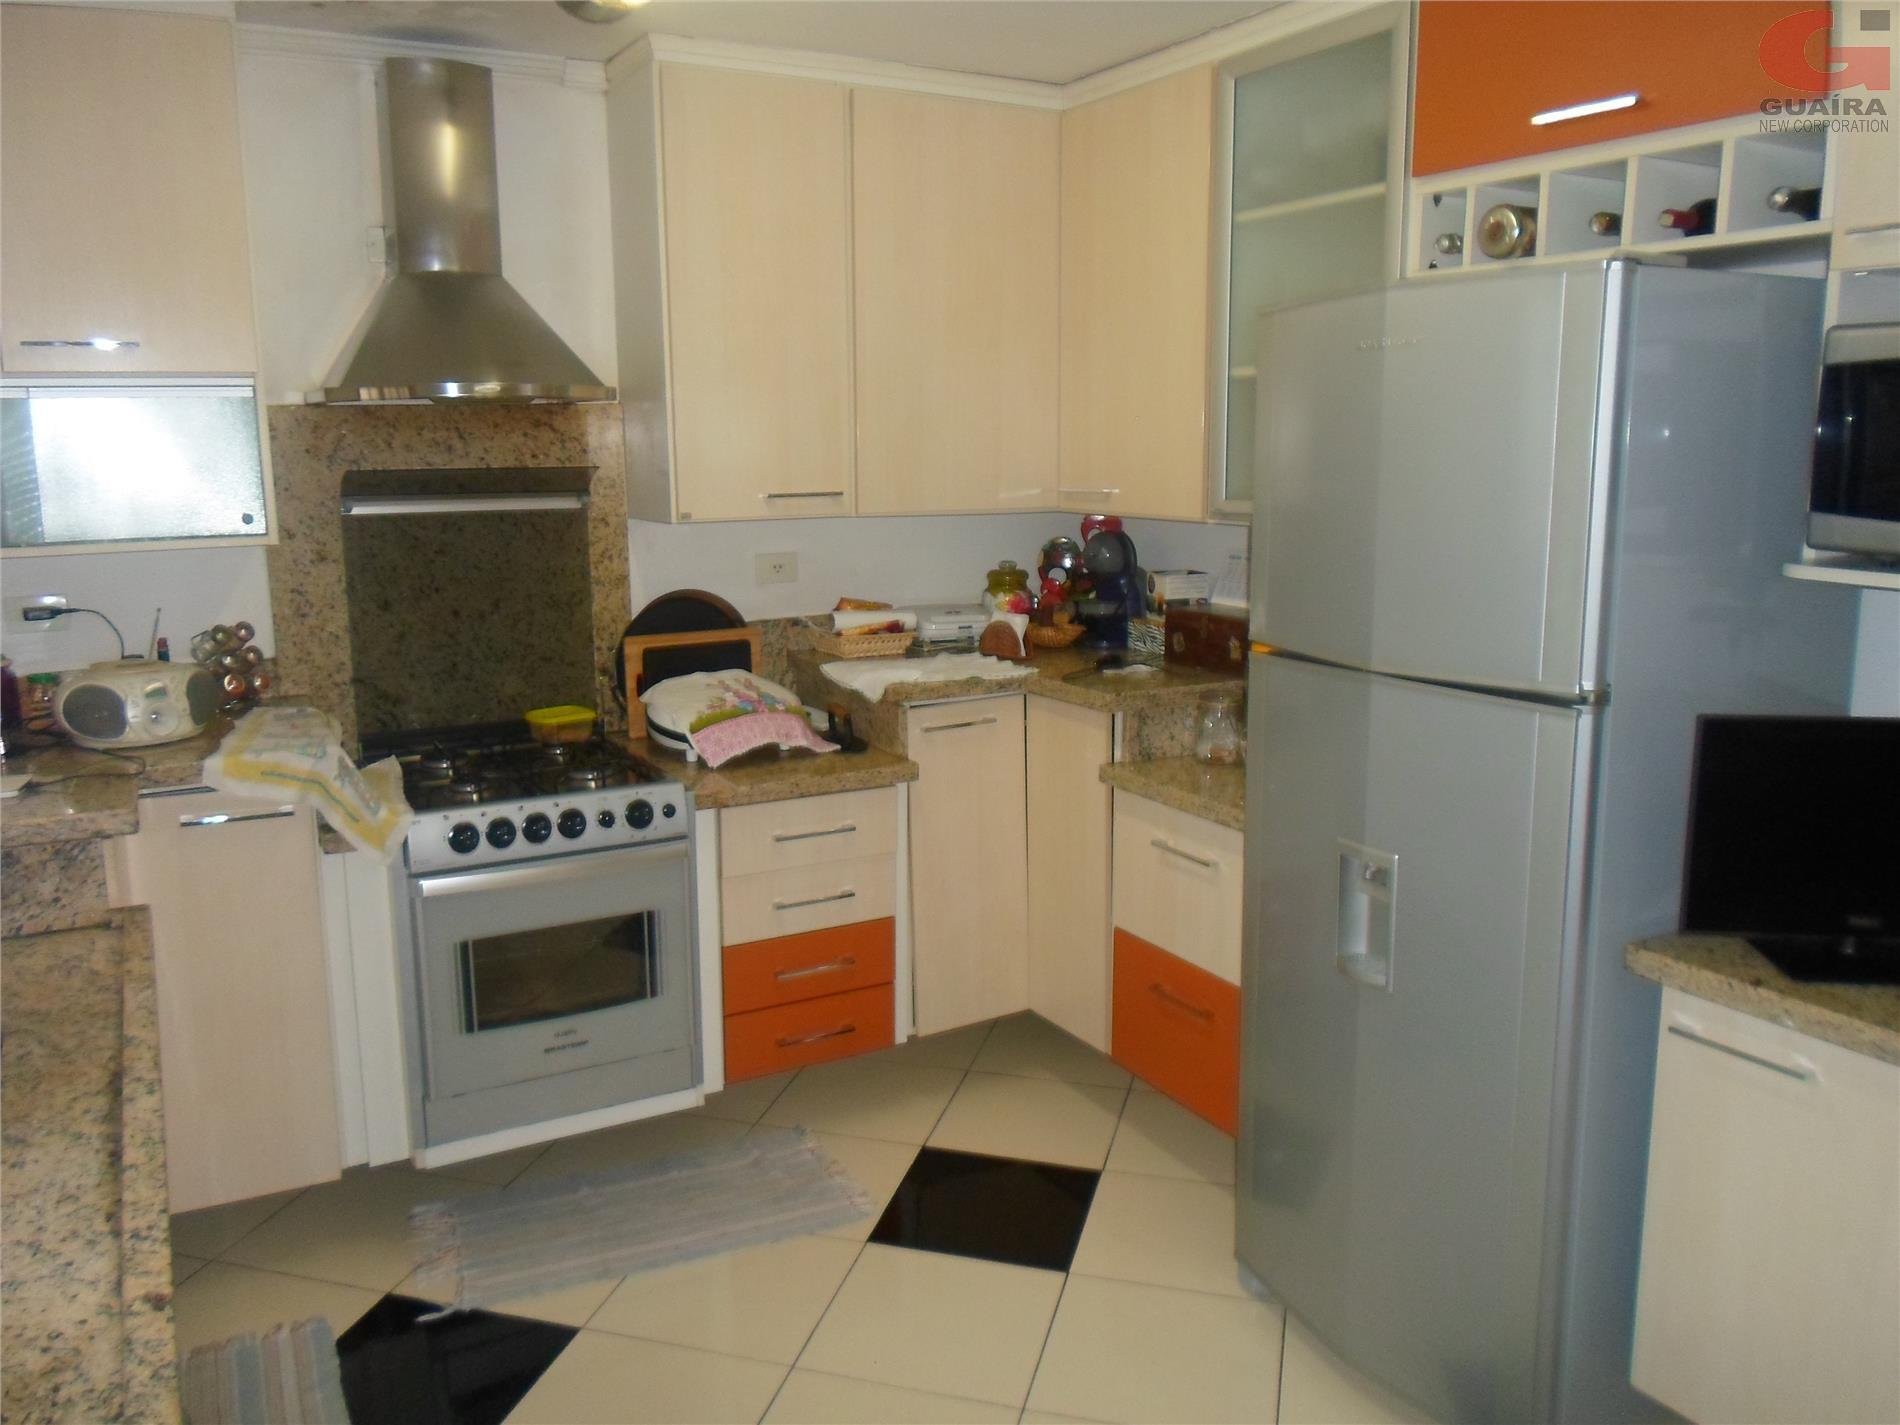 Sobrado de 2 dormitórios à venda em Jordanópolis, São Bernardo Do Campo - SP